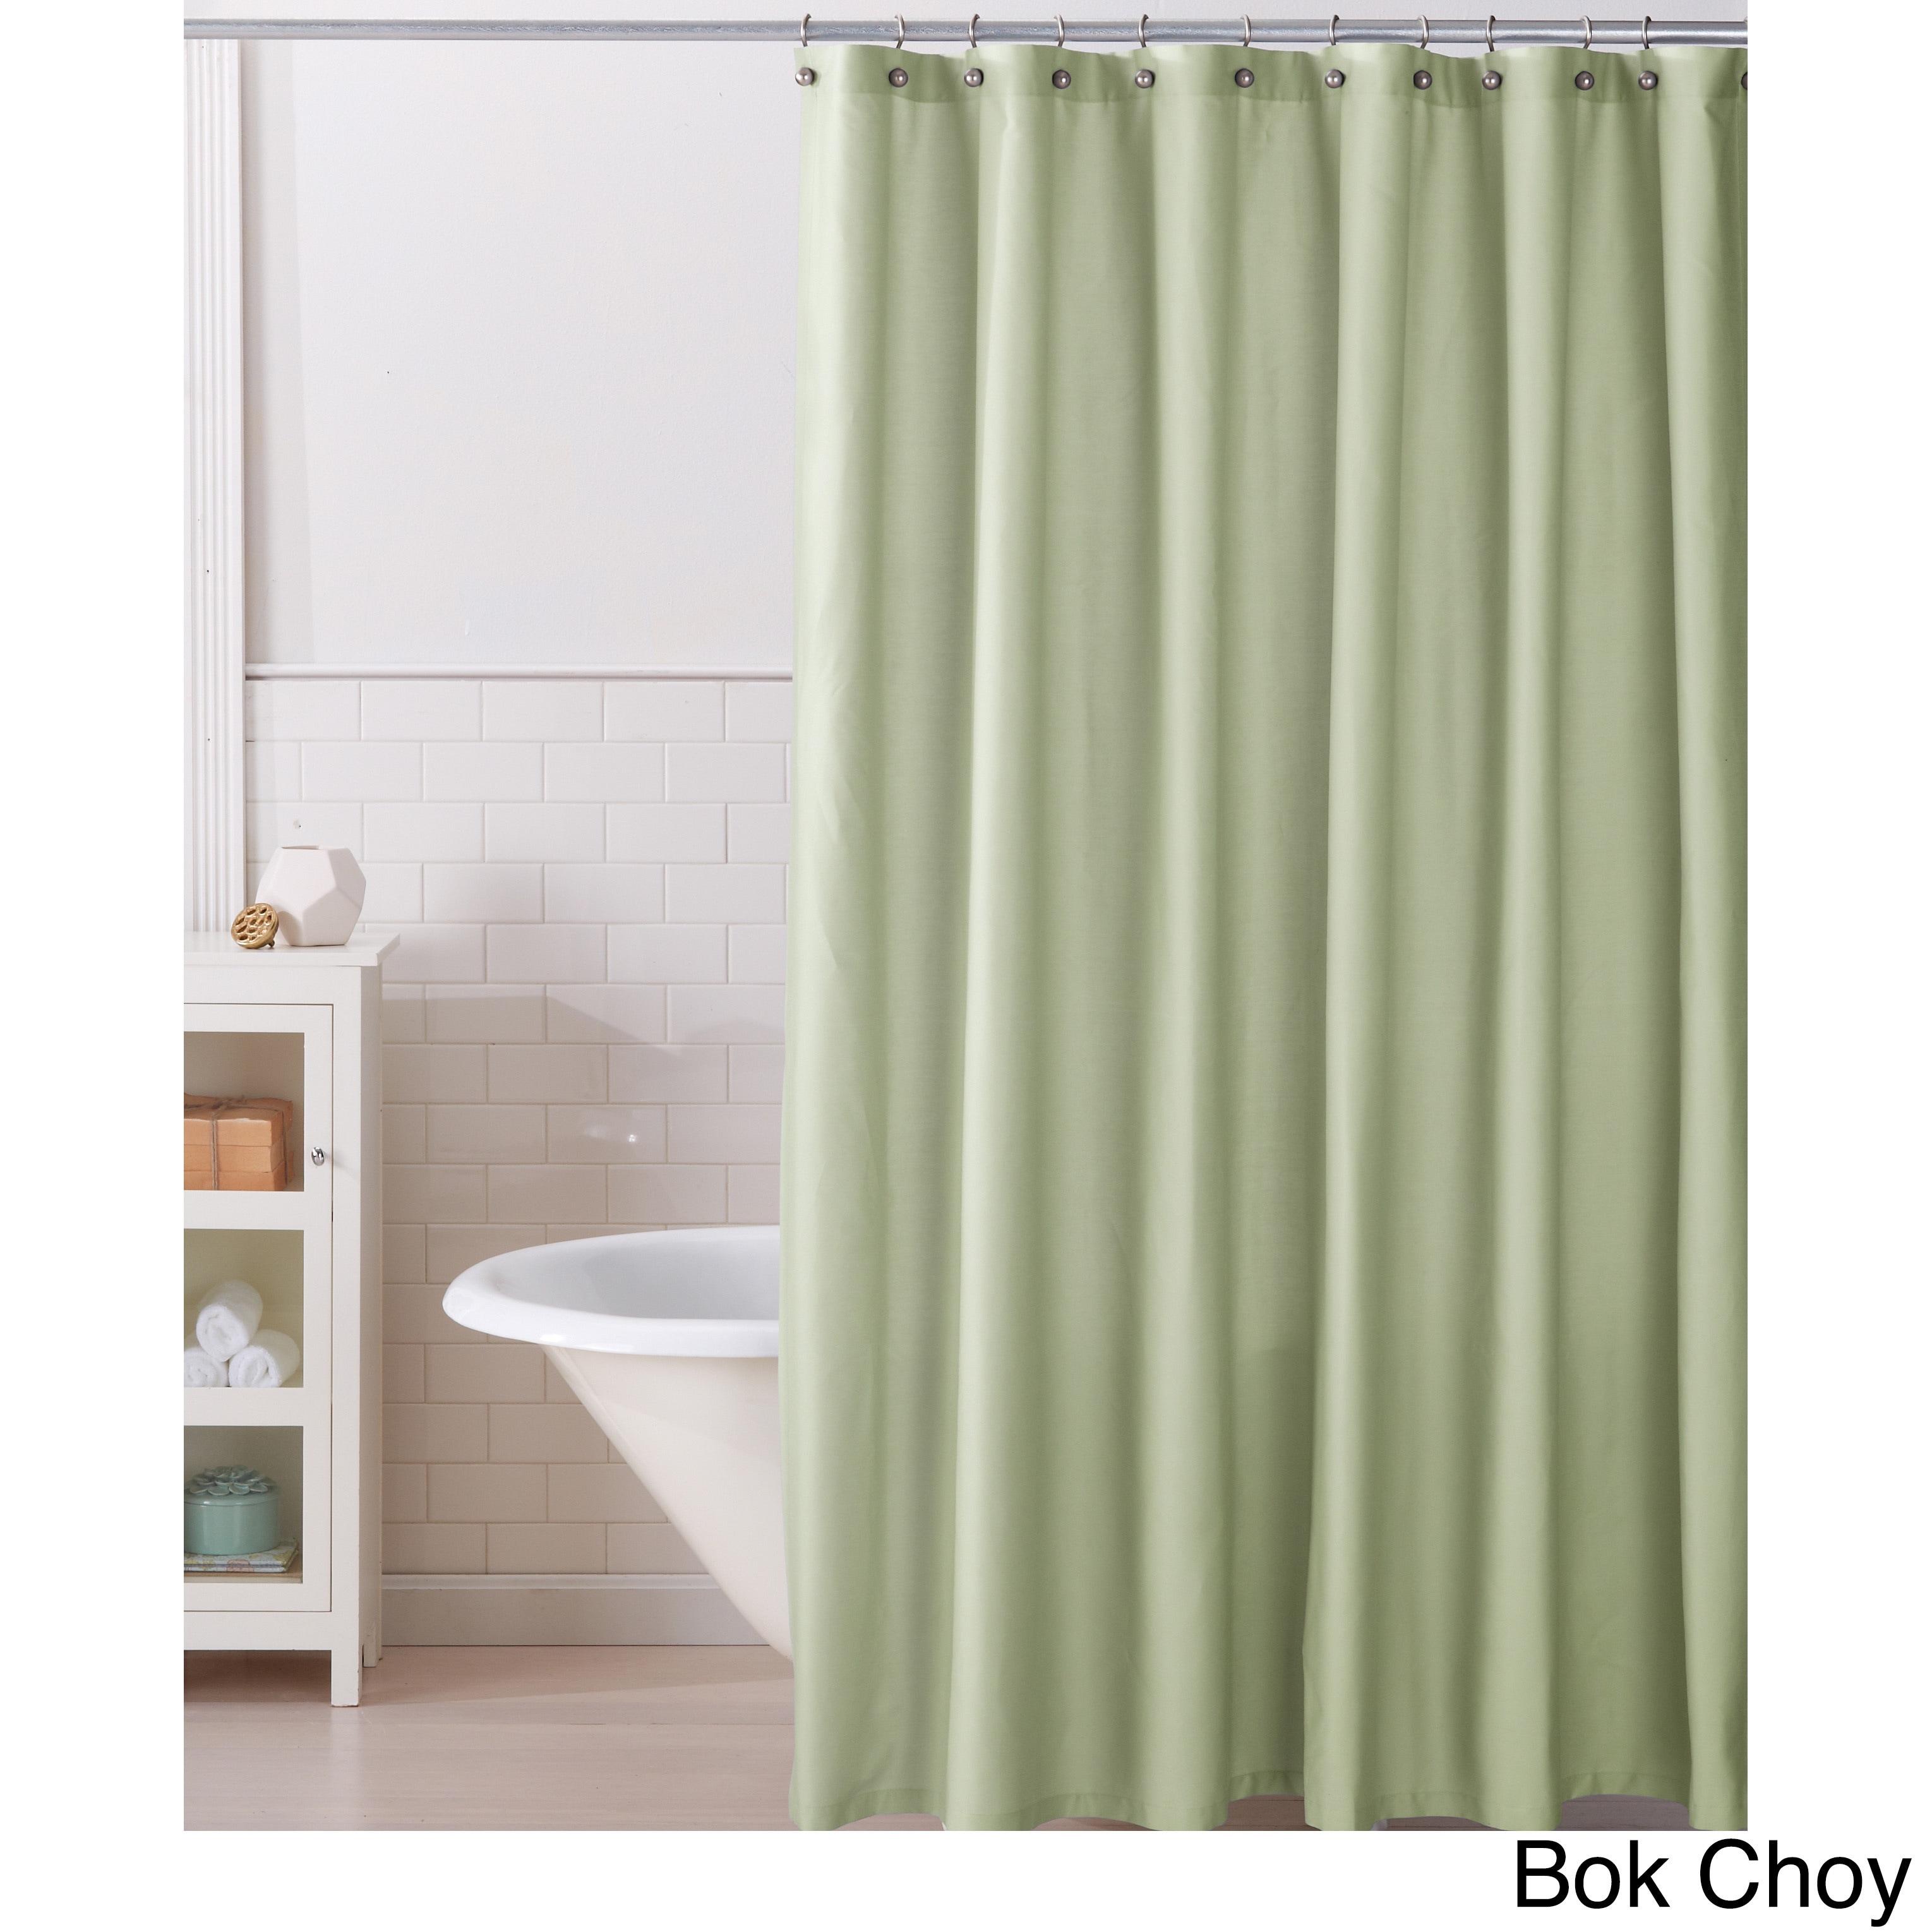 Shop Home Fashion Designs Monroe Heavyweight Shower Curtain